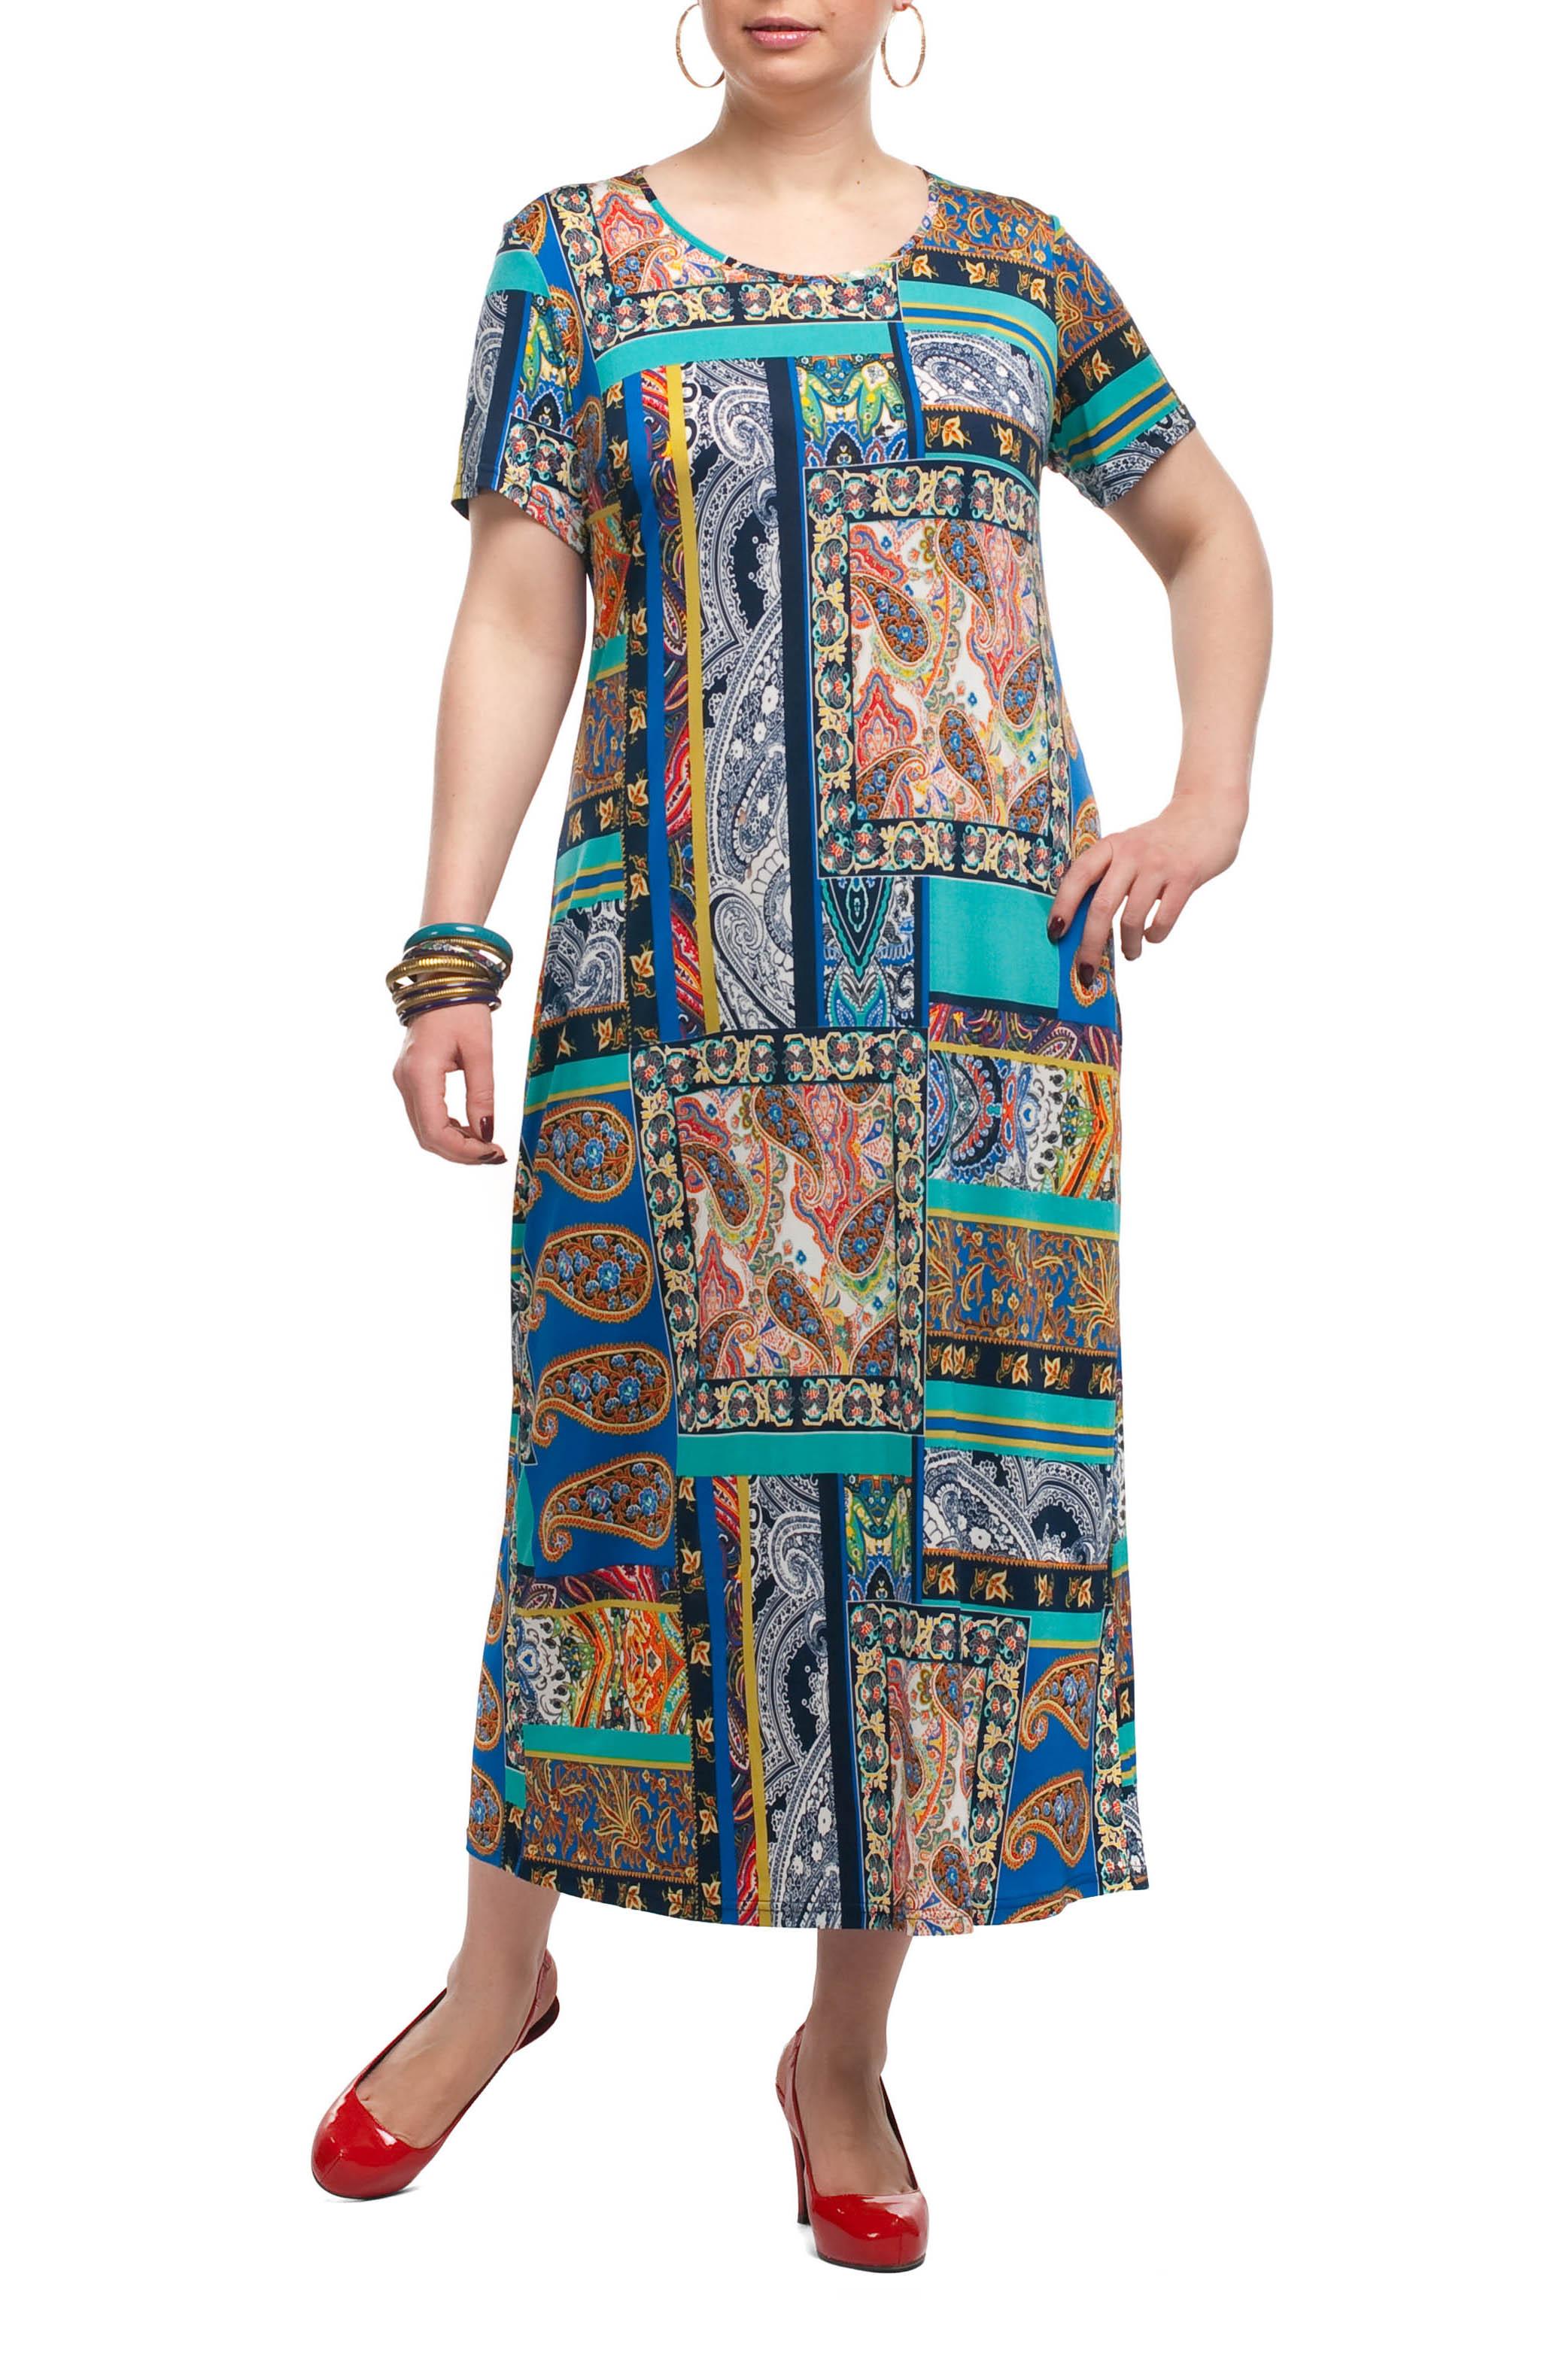 ПлатьеПлатья<br>Яркое платье прямого кроя - это дивный вариант на лето. Платье с округлым вырезом горловины и короткими рукавами. Украшена модель контрастным рисунком.  Цвет: бирюзовый, синий, коралловый и др.   Рост девушки-фотомодели 173 см<br><br>Горловина: С- горловина<br>По длине: Макси,Миди,Ниже колена<br>По материалу: Трикотаж<br>По образу: Город,Круиз,Свидание<br>По рисунку: Абстракция,С принтом,Цветные<br>По силуэту: Прямые,Свободные<br>По стилю: Летний стиль,Повседневный стиль<br>Рукав: Короткий рукав<br>По сезону: Лето<br>Размер : 52,54<br>Материал: Холодное масло<br>Количество в наличии: 8